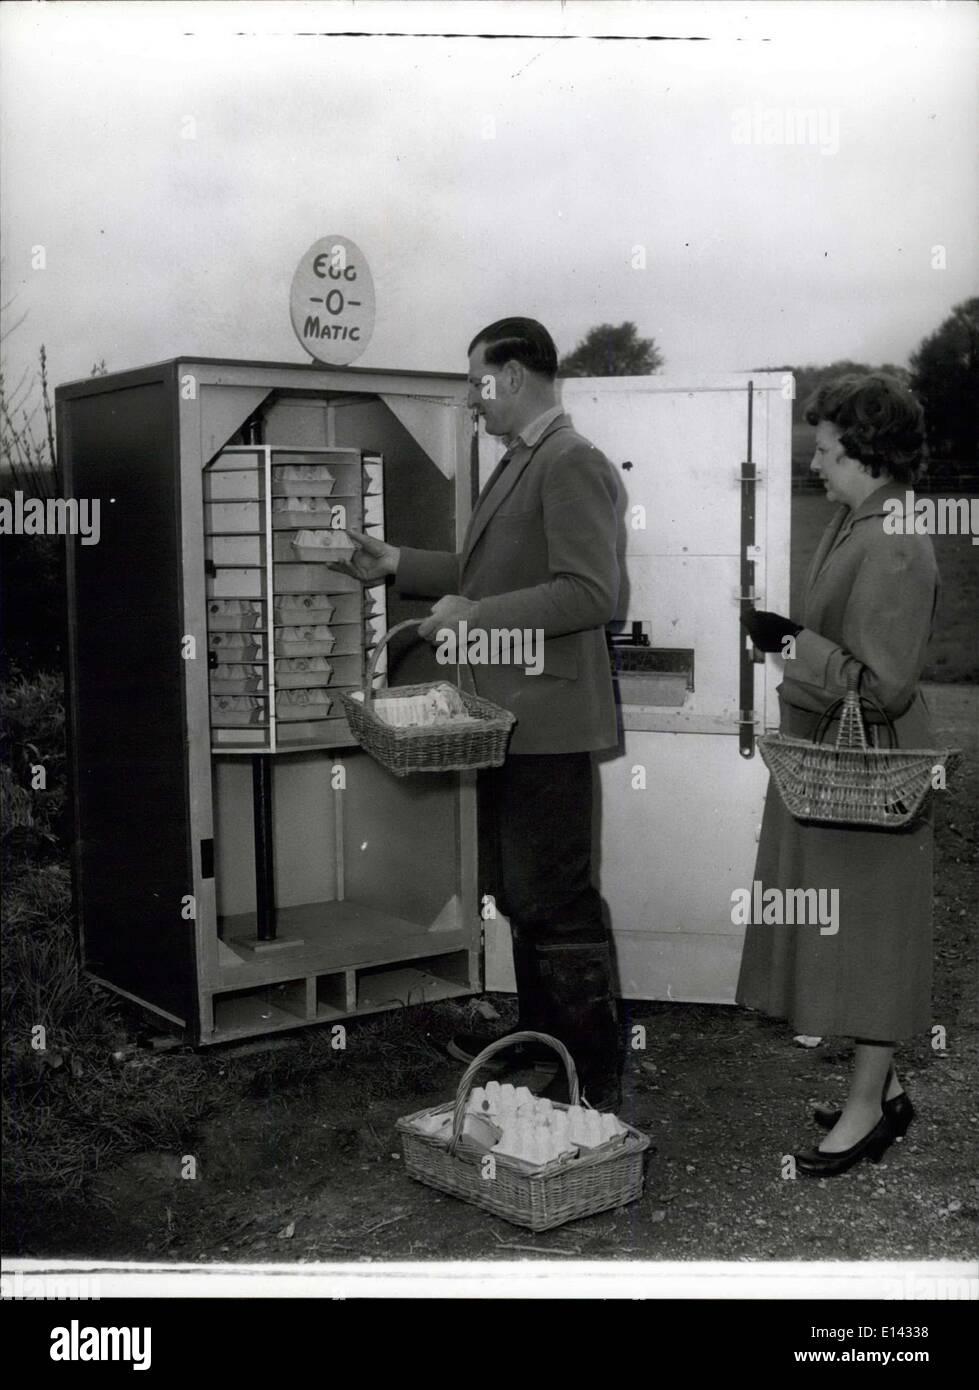 Avril 04, 2012 - Chargement: agriculteur Dan Stride de Warhead ferme près de Chiohester à Sussex qui avait la première machine à eccomatic installés est affiché ici chargement de la machine pendant qu'un client attend. Photo Stock